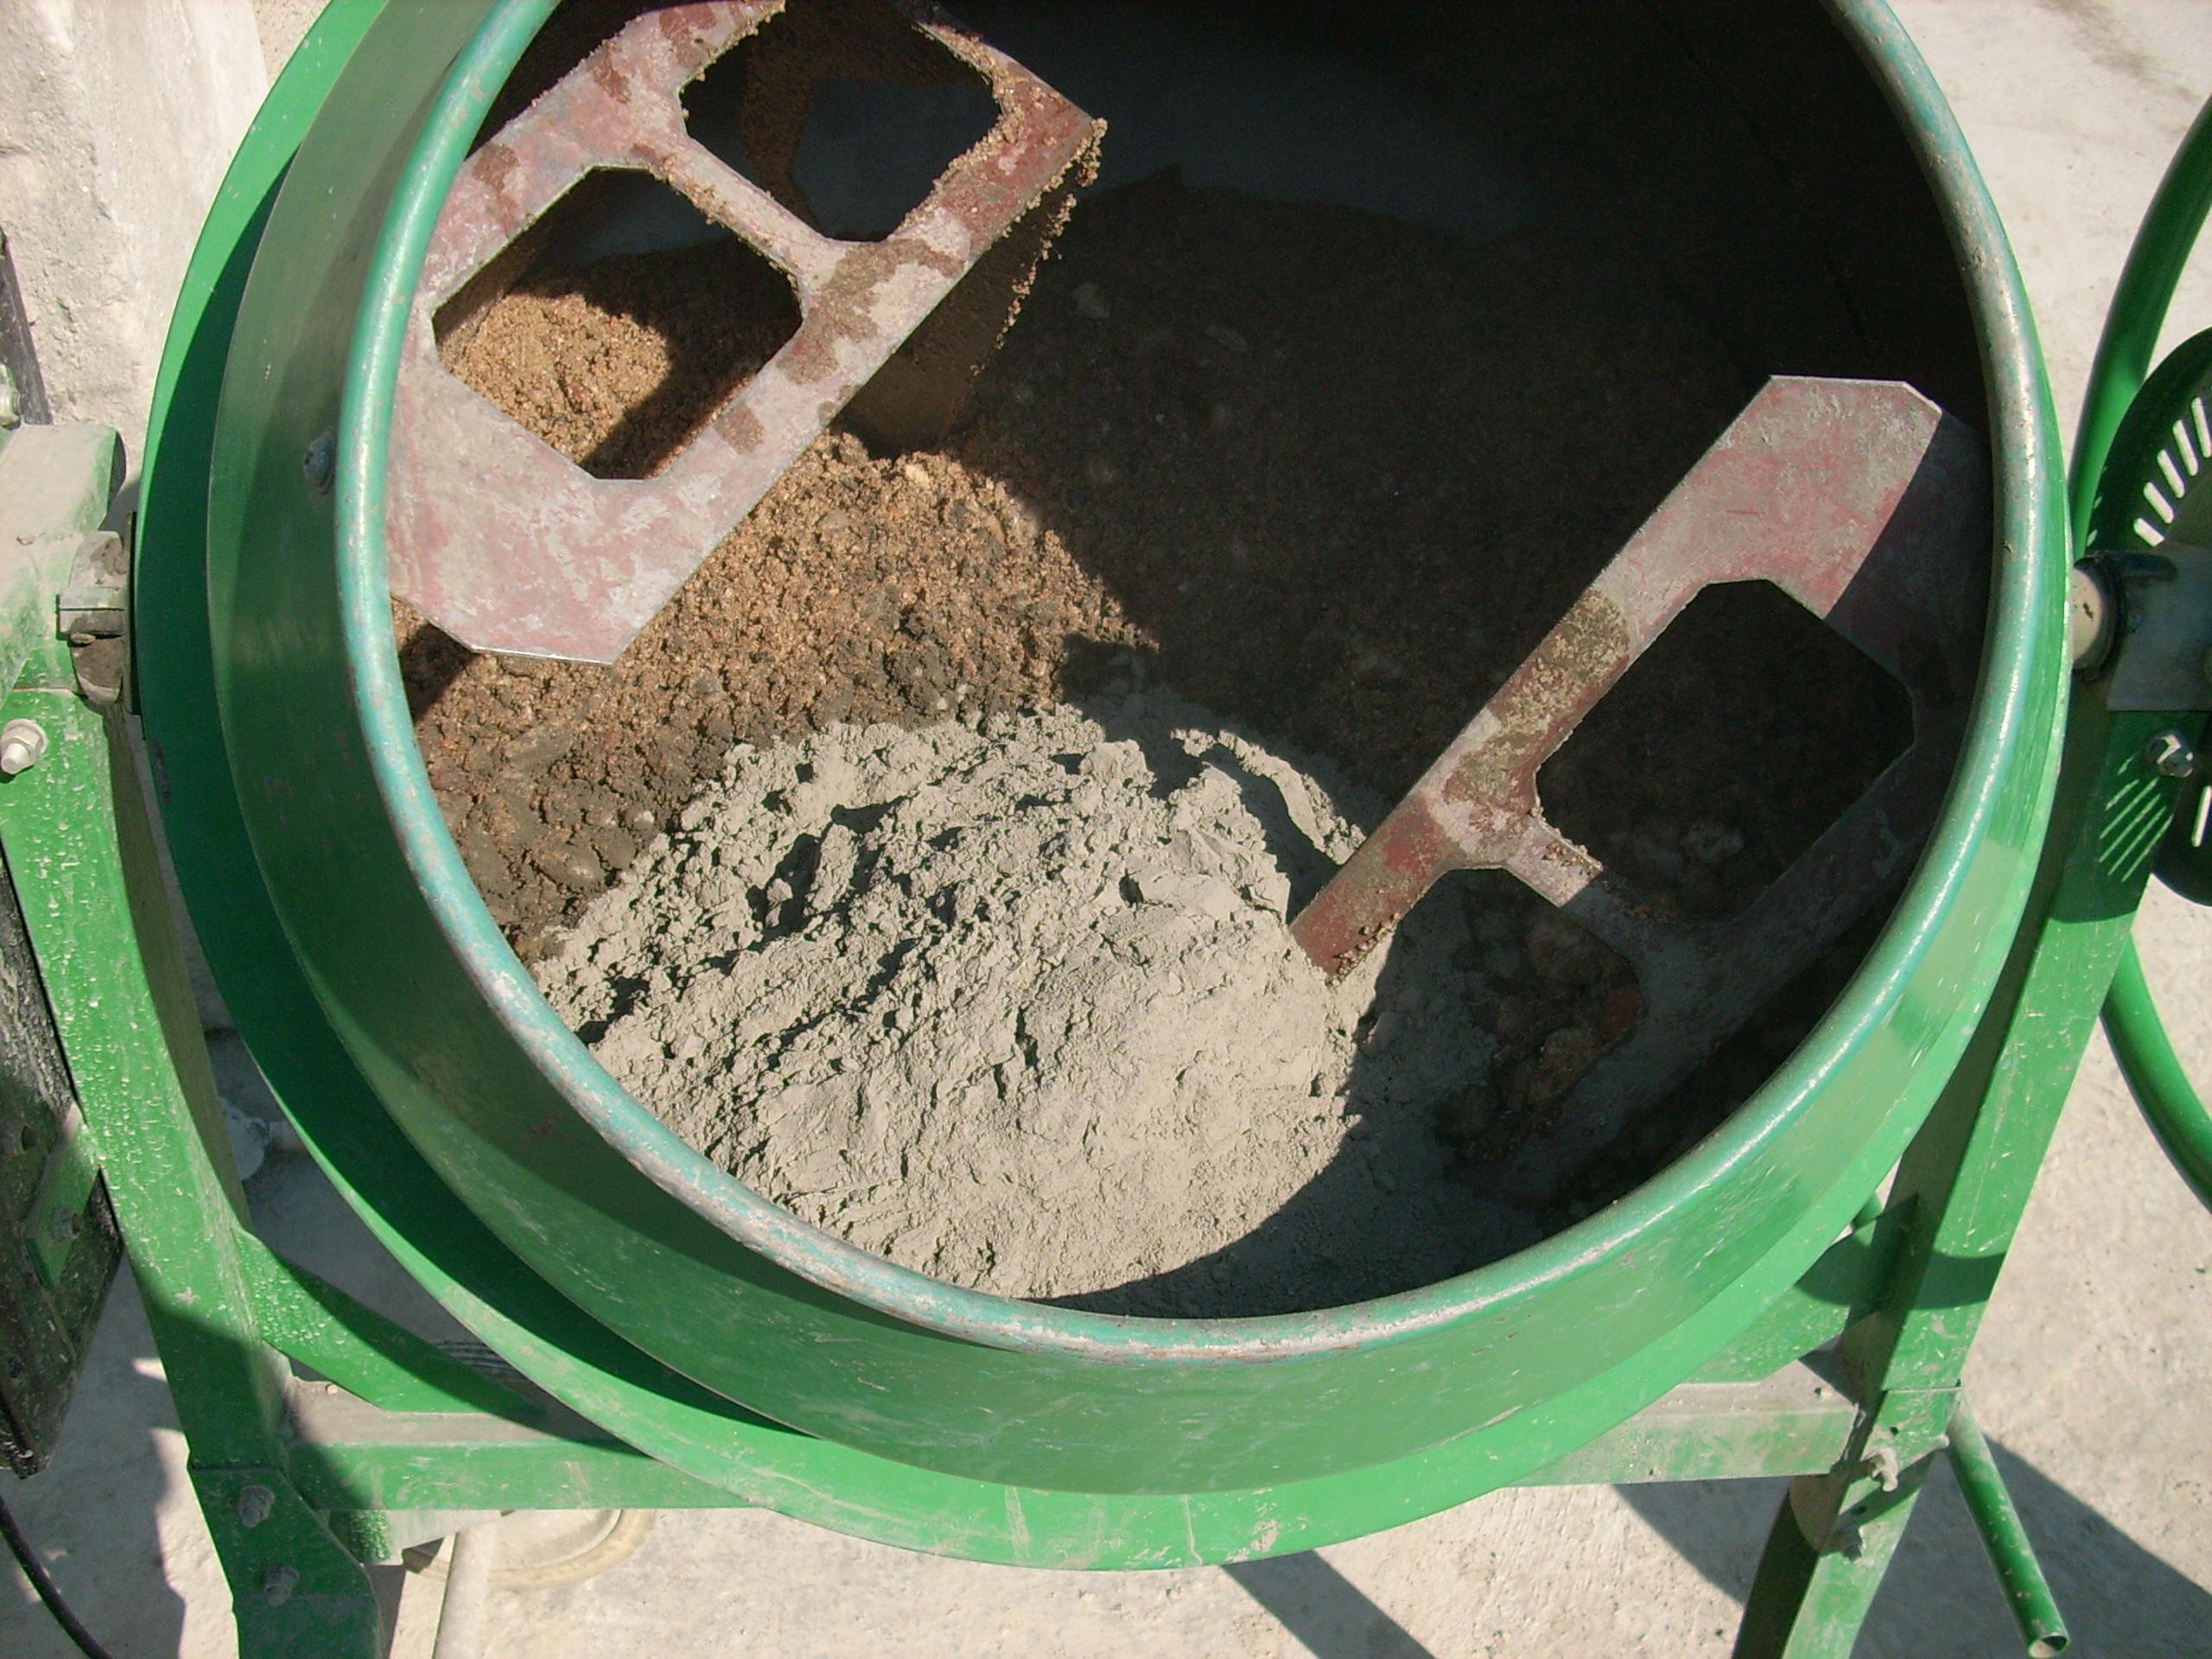 Prepararea betonului hidroizolat in toata masa UNICO PROFIT - Poza 3